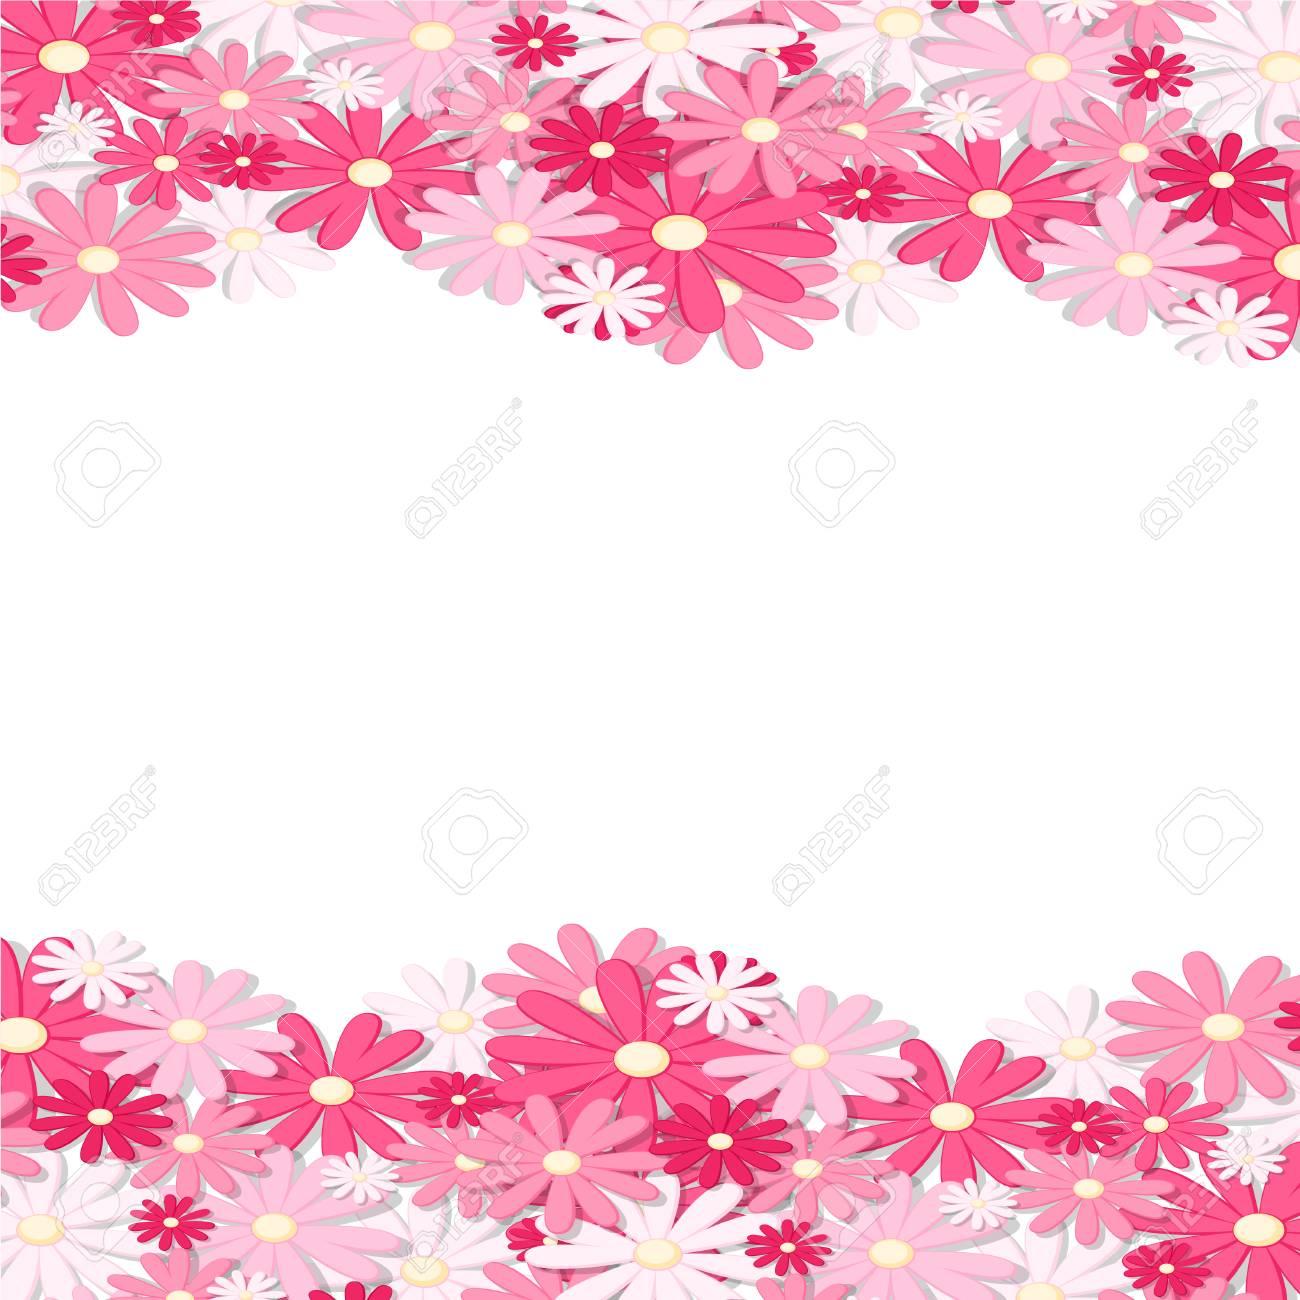 Pink Flower Border Elegant Vintage Card Design Floral Wallpaper